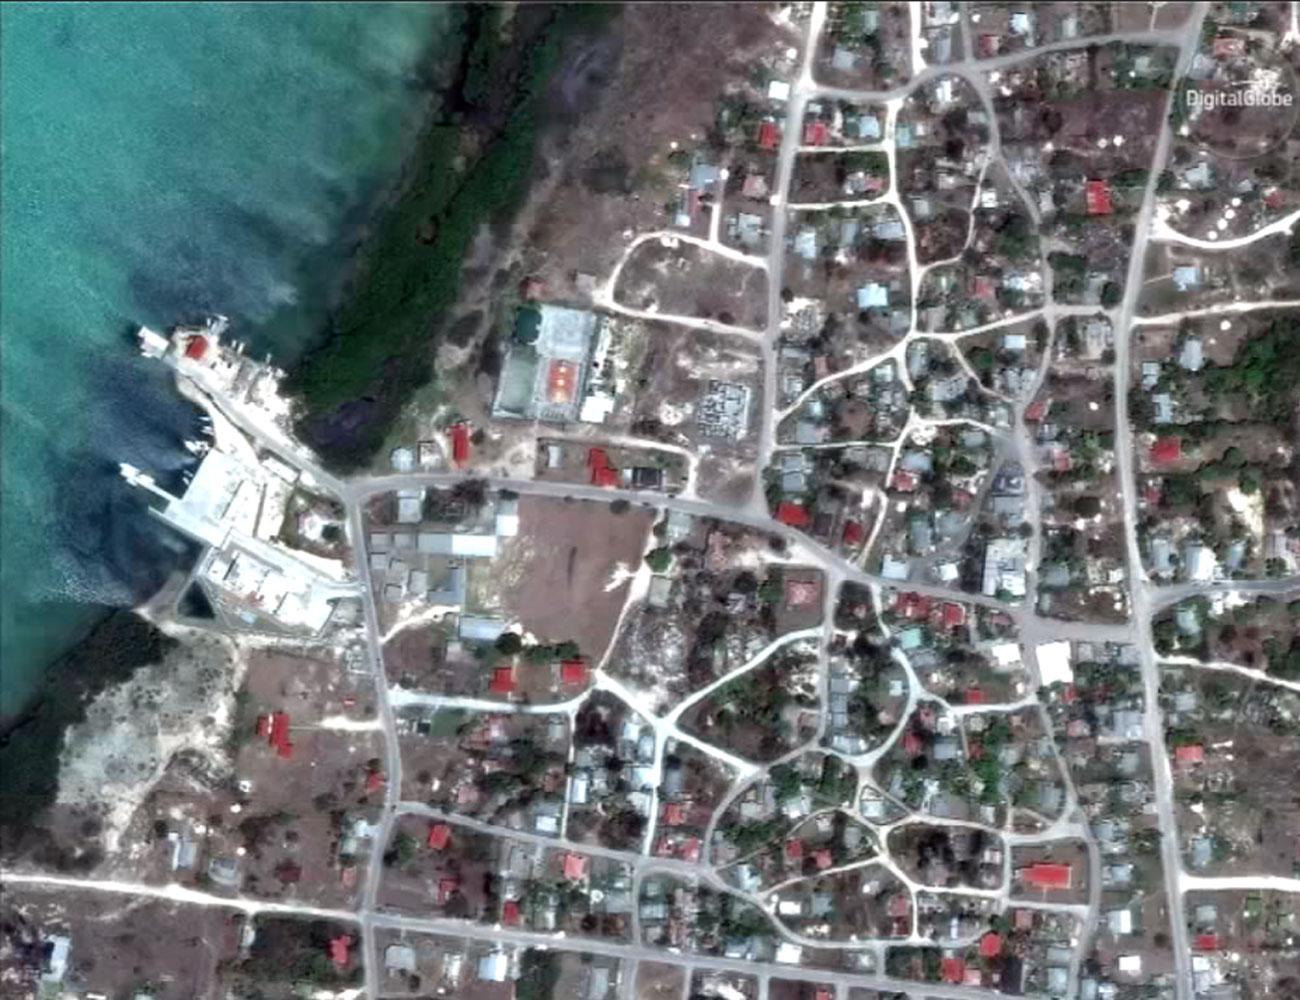 <div class='meta'><div class='origin-logo' data-origin='none'></div><span class='caption-text' data-credit='DigitalGlobe'>Barbuda - September 11, 2017</span></div>